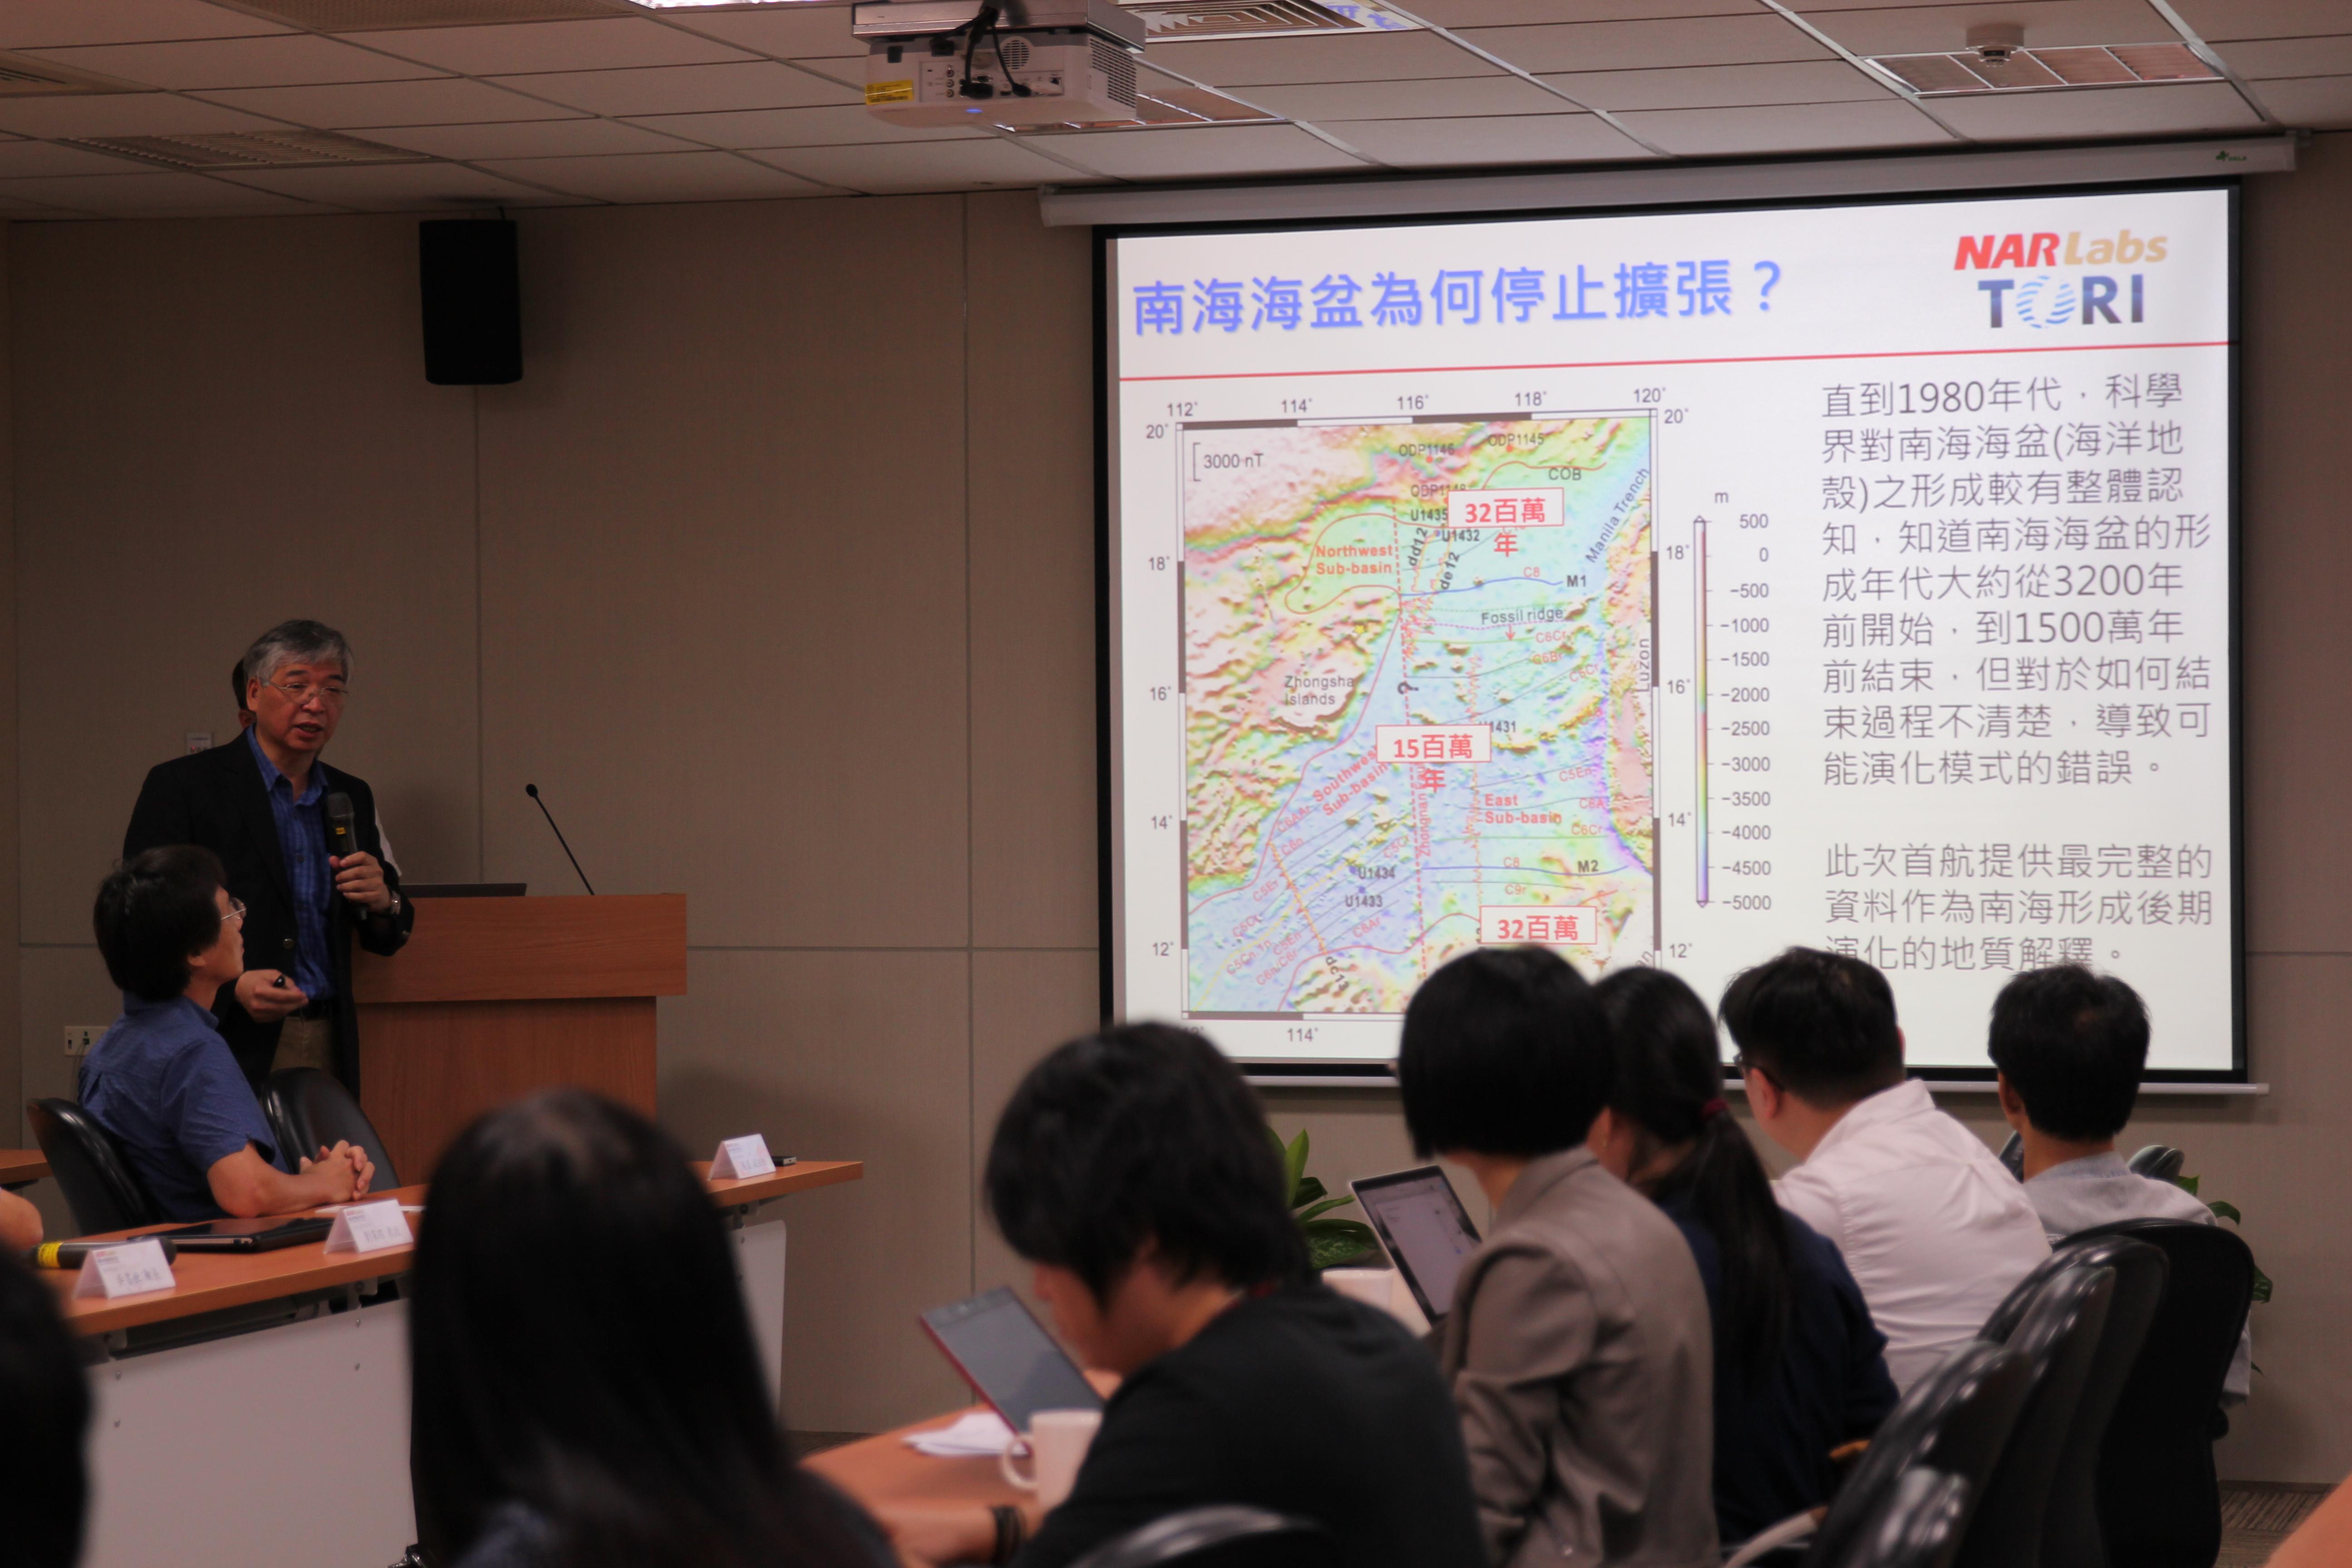 中央大學教授許樹坤簡報